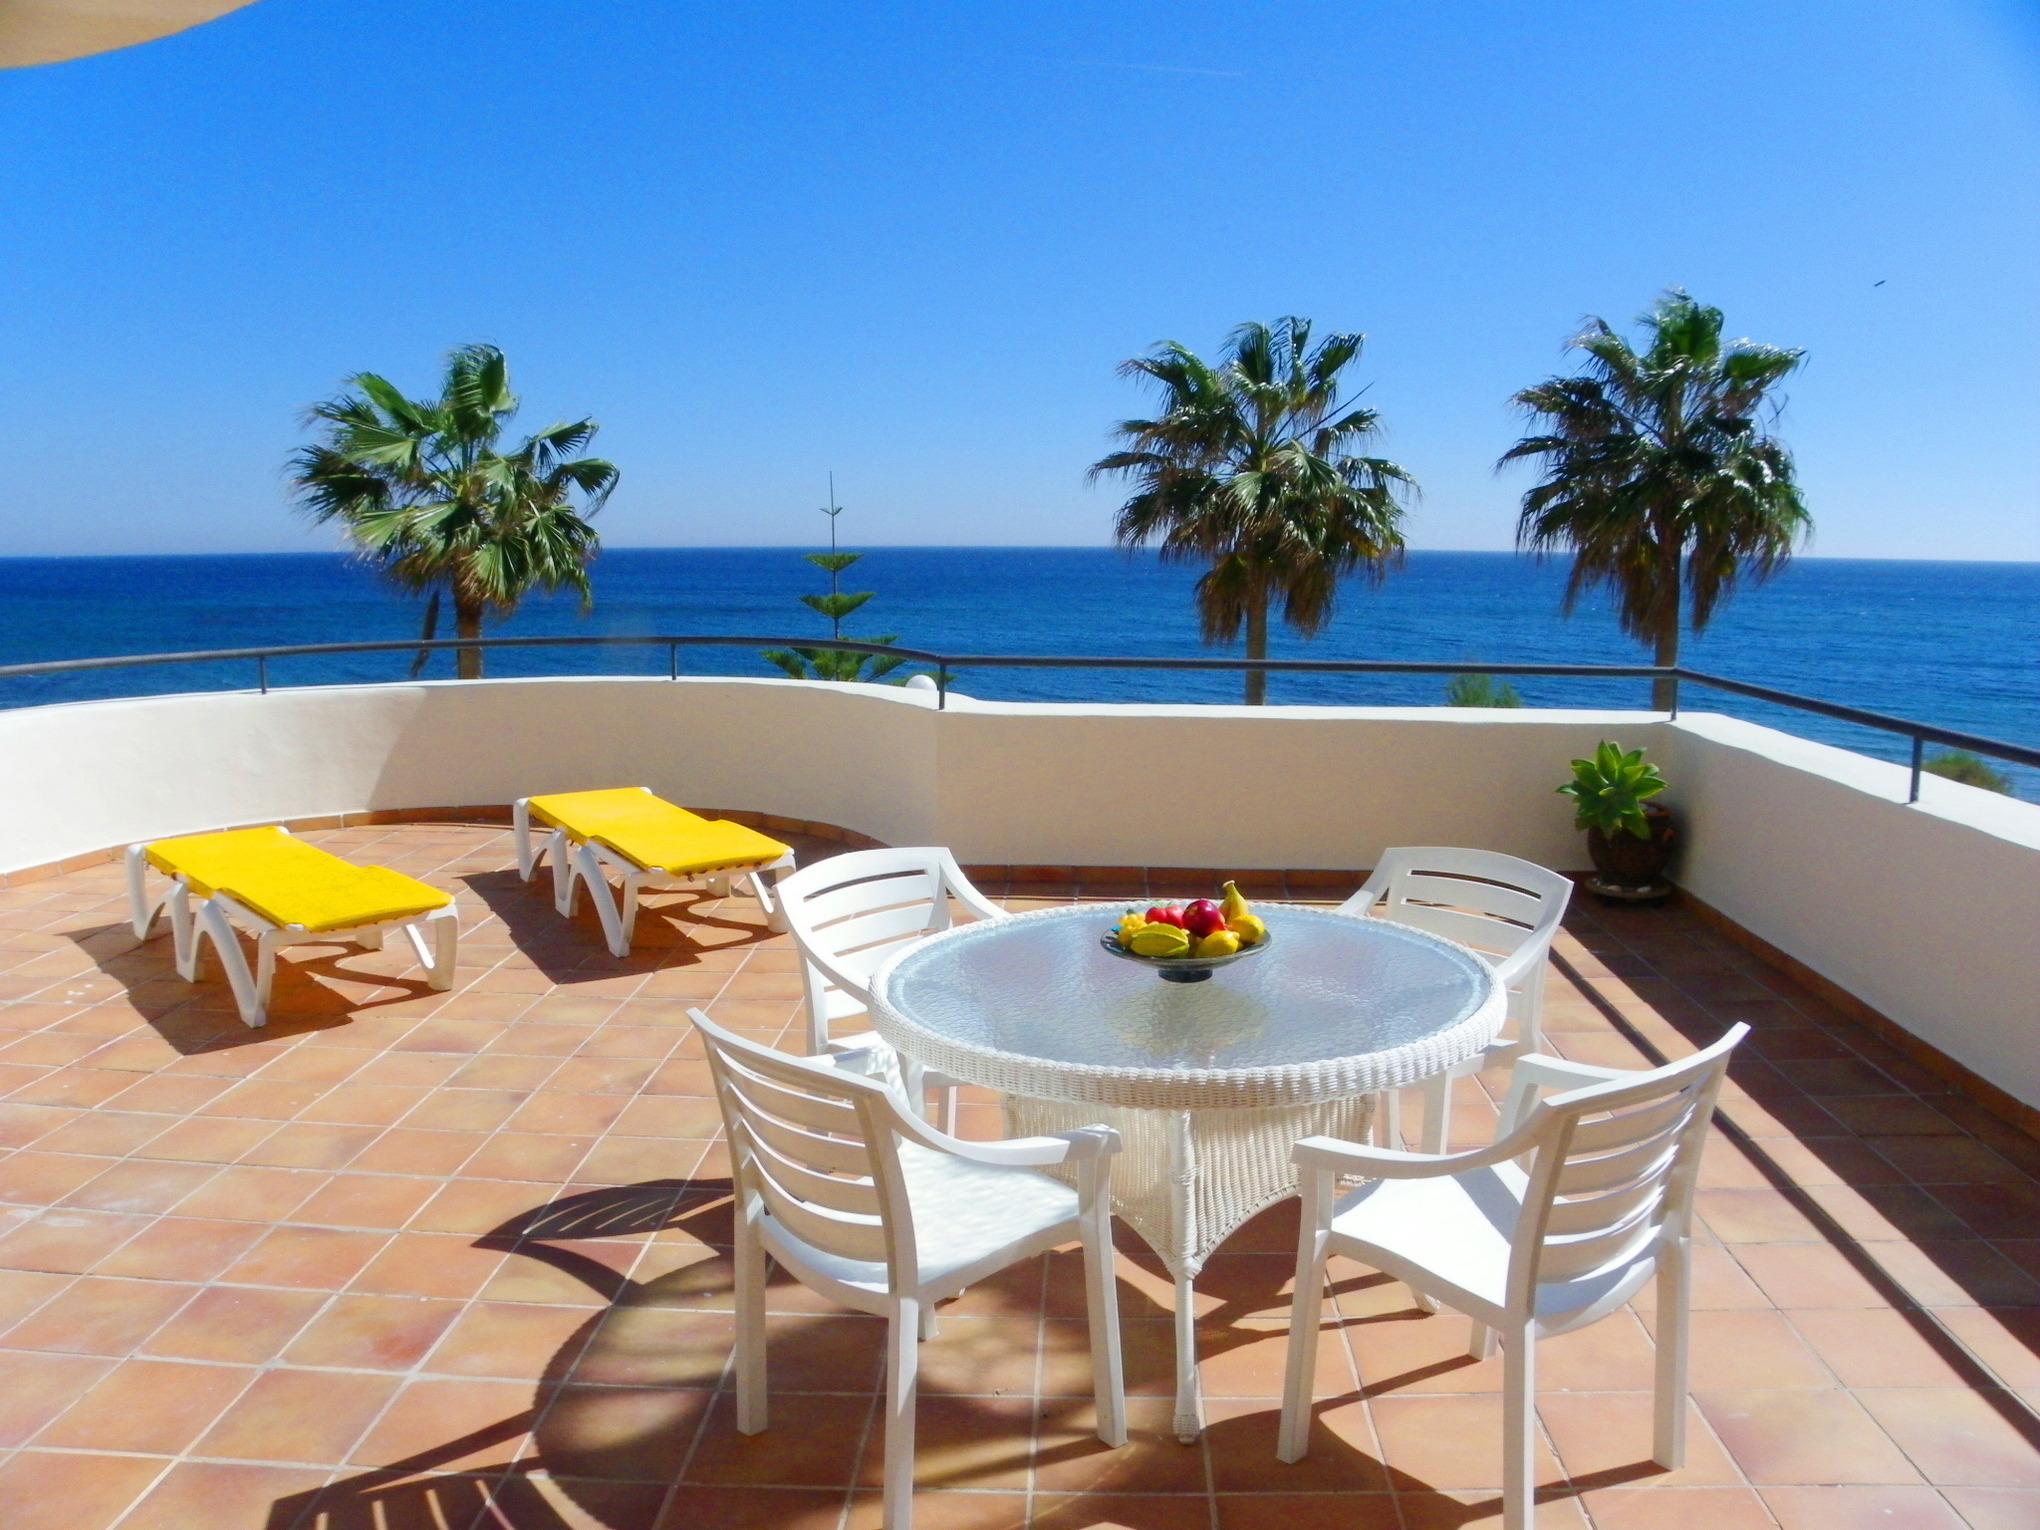 BERMUDA BEACH 1 Ferienwohnung in Spanien